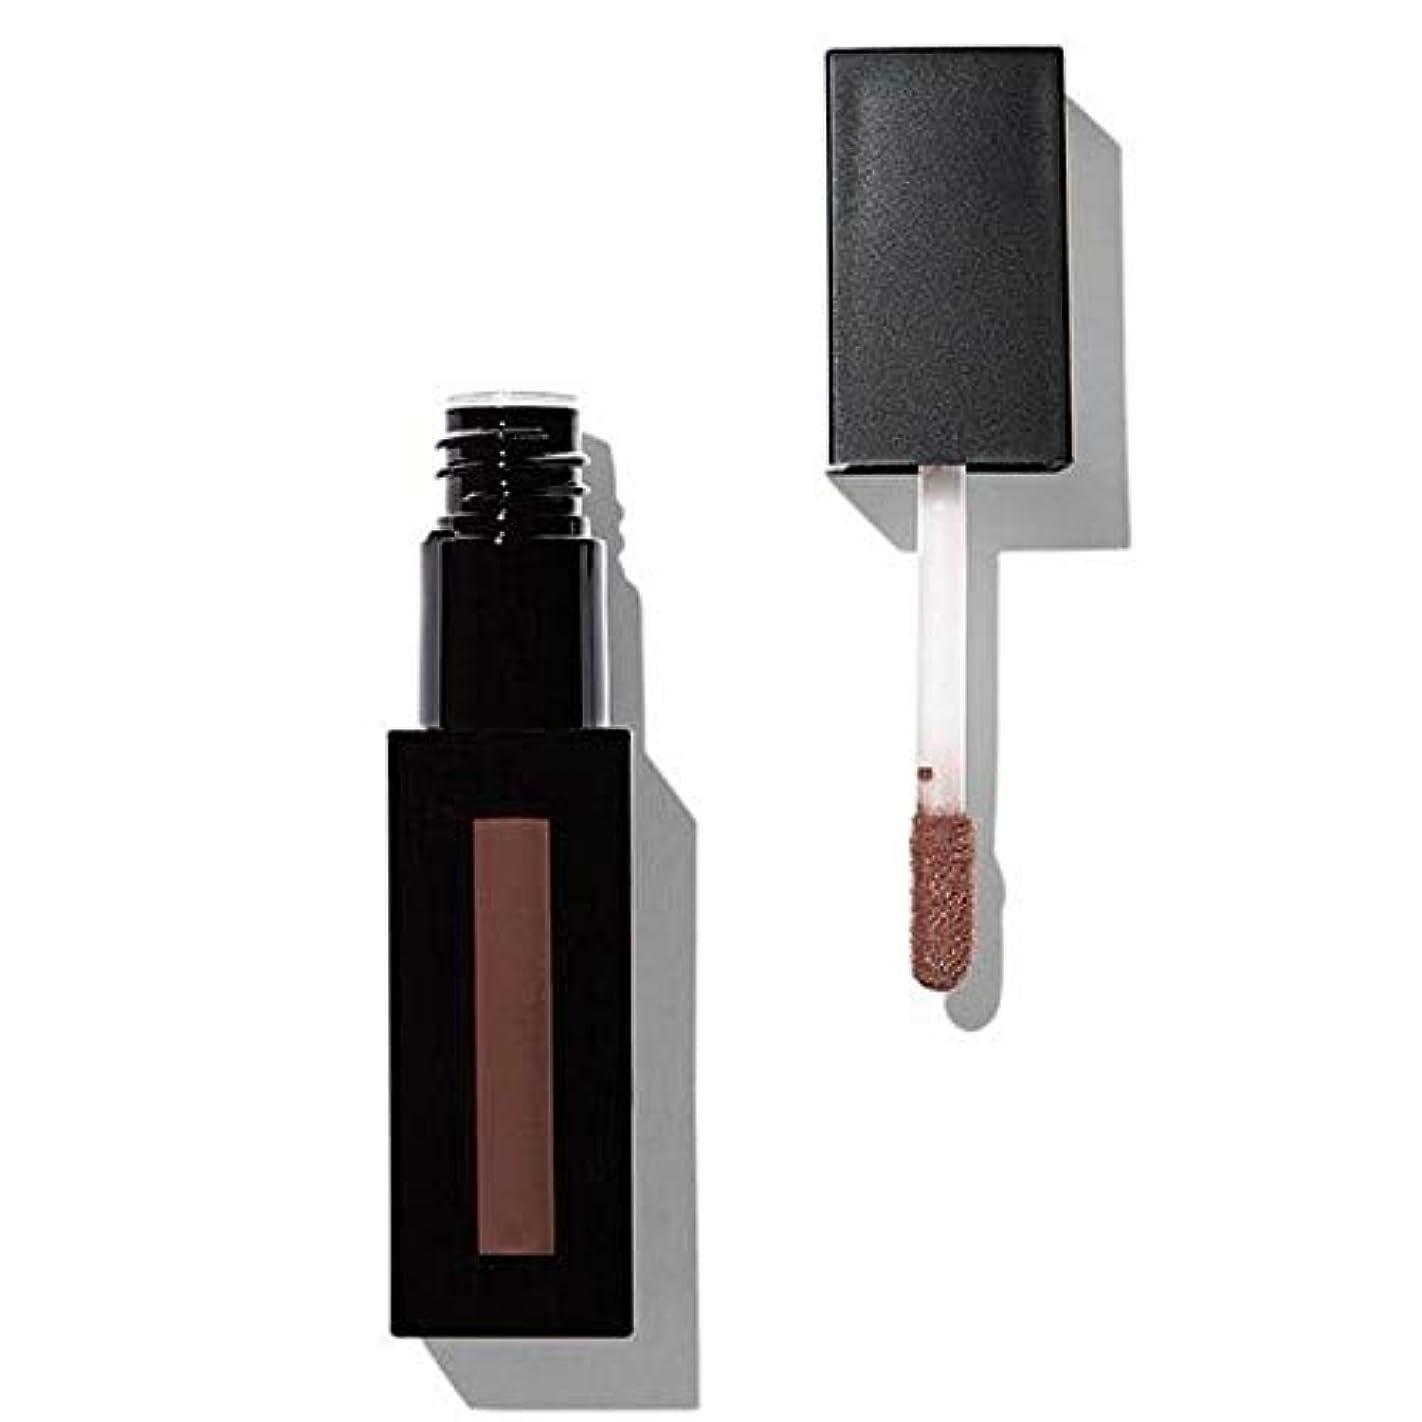 カセット明らかにする支出[Revolution ] 革命プロ最高のマットリップ顔料ふり - Revolution Pro Supreme Matte Lip Pigment Pretence [並行輸入品]